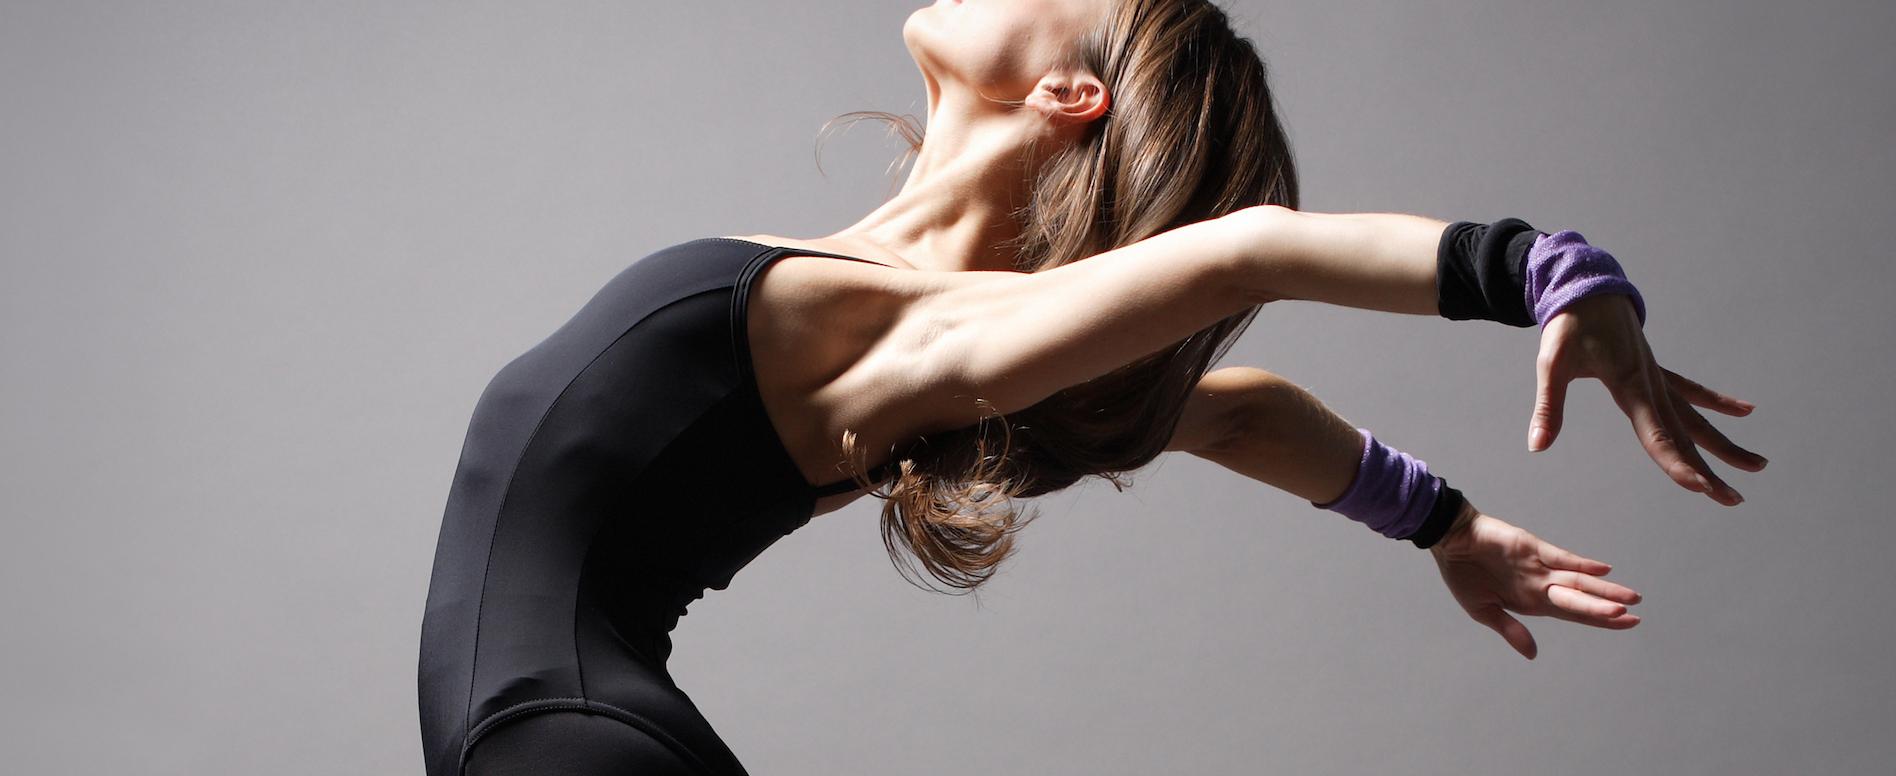 Flexibility4Wix8